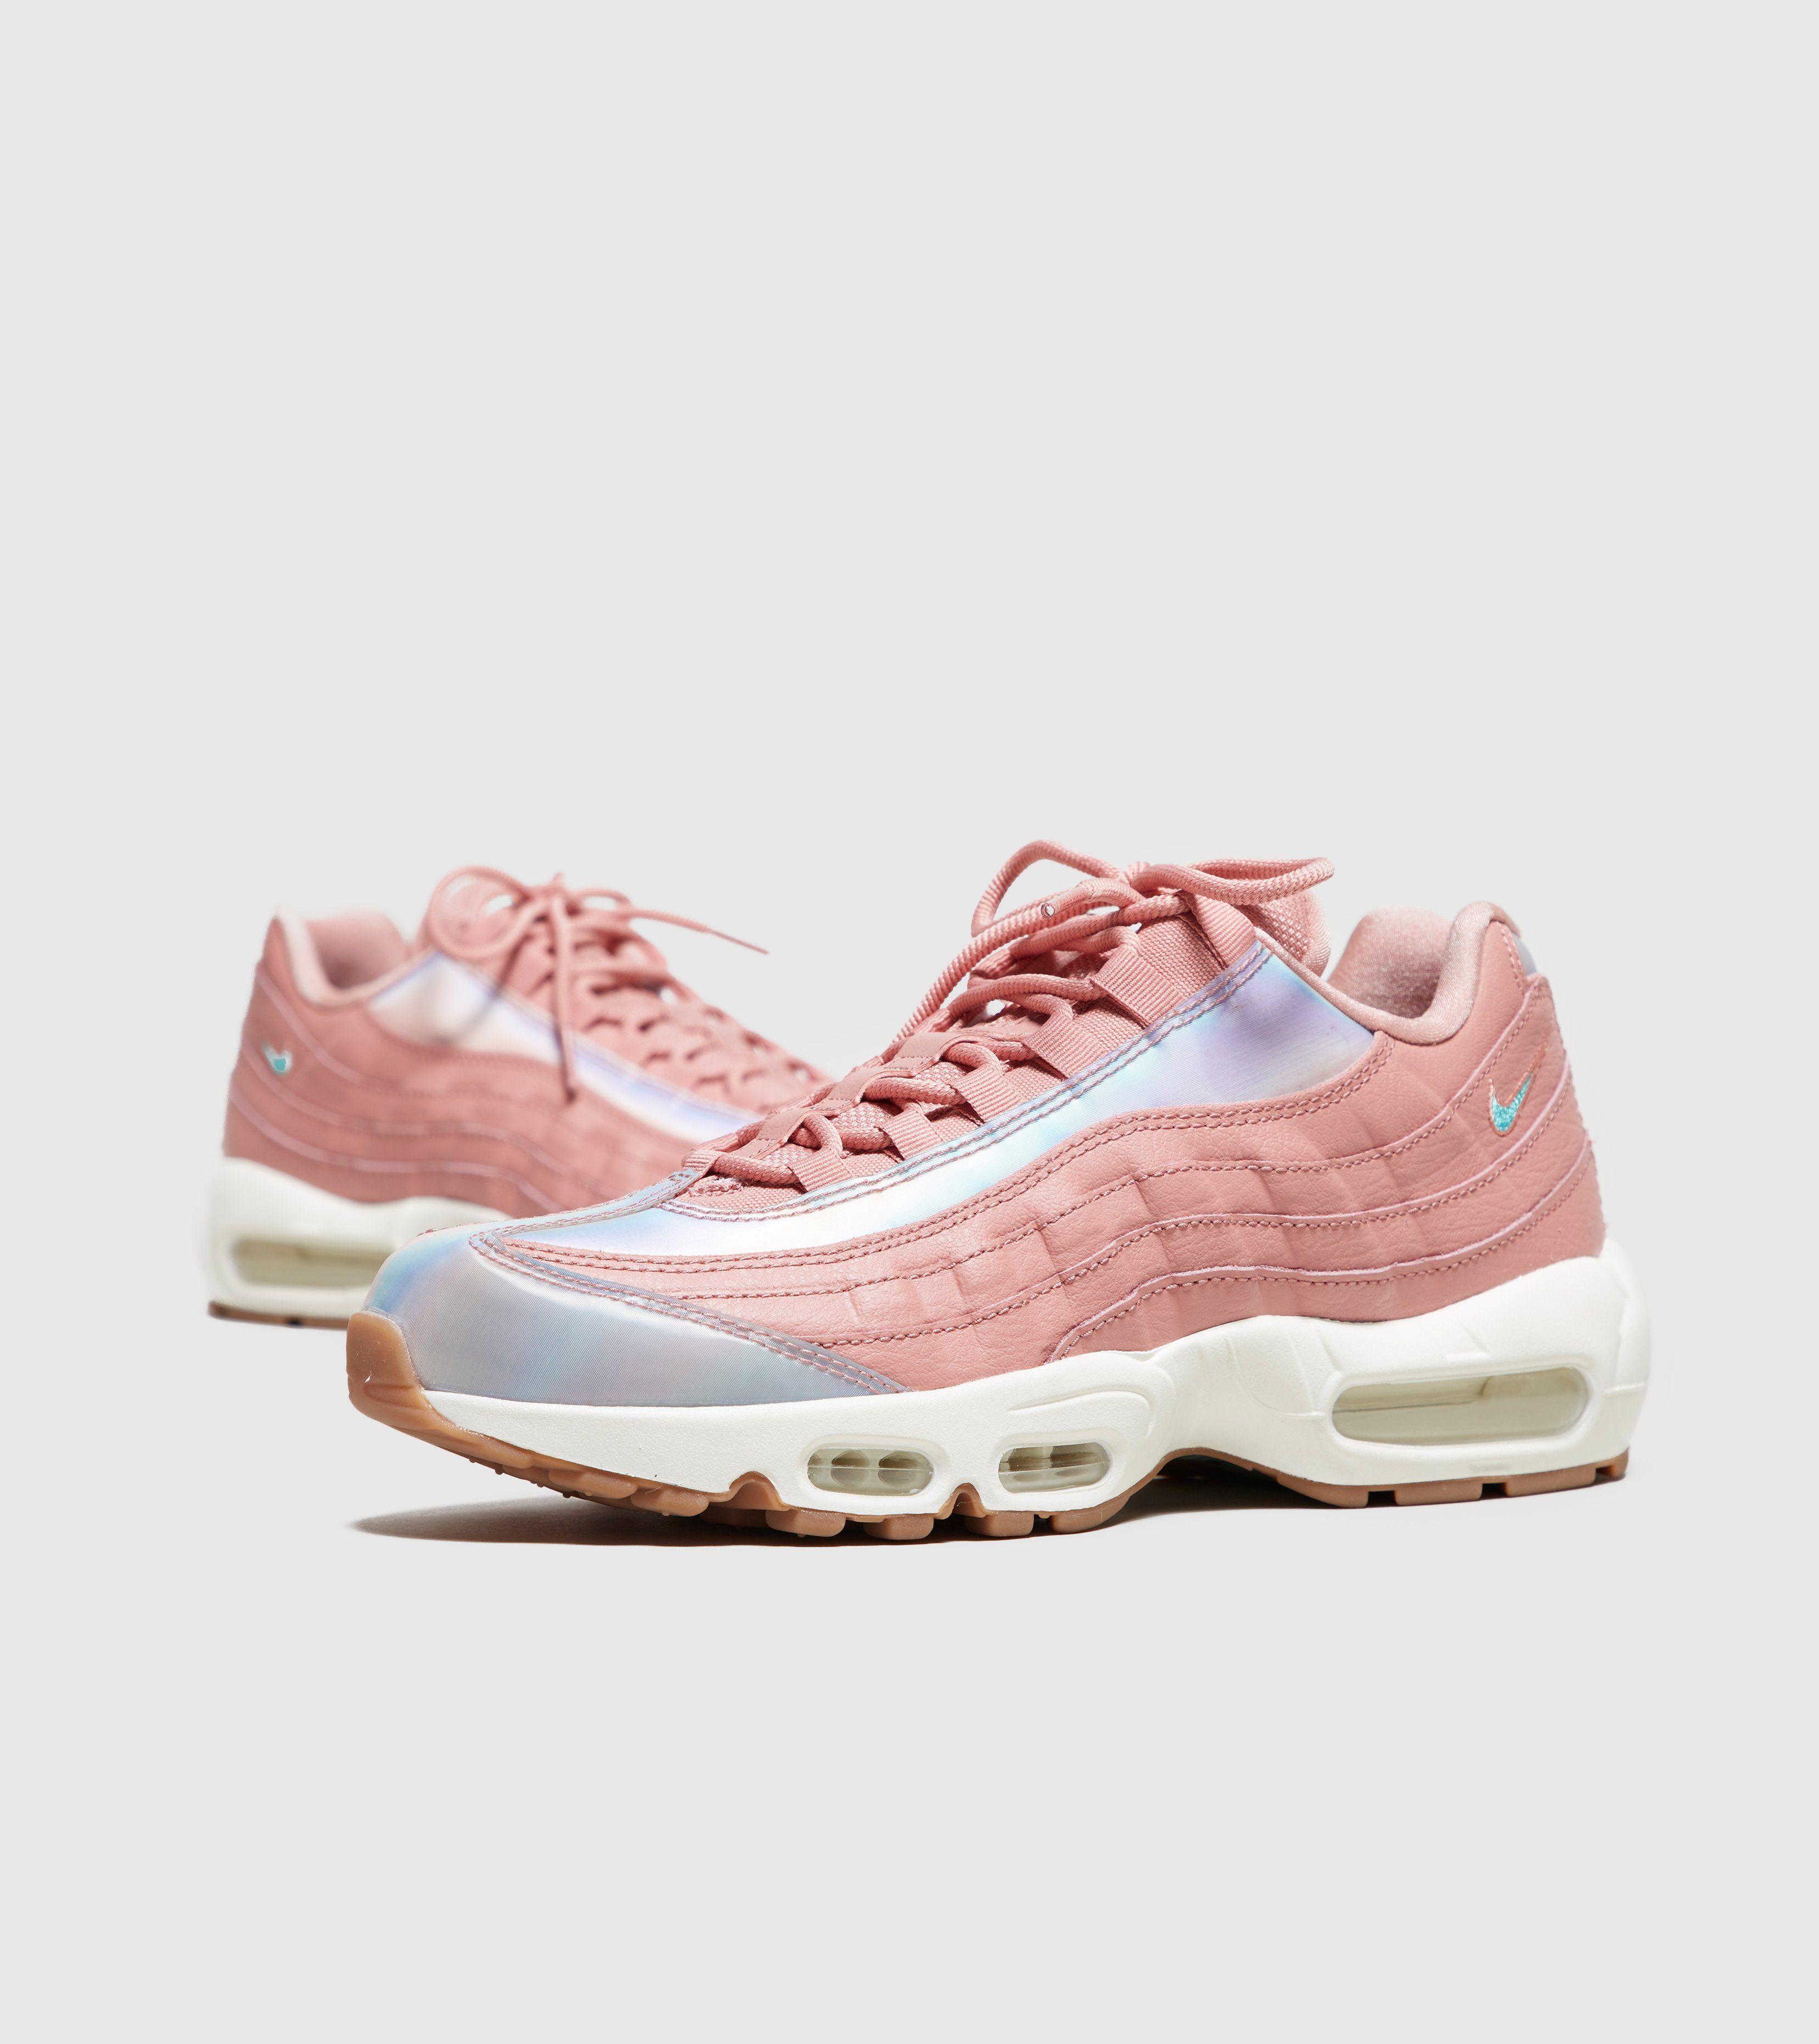 29a6dd88e151 ... Nike Air Max 95 Women s .